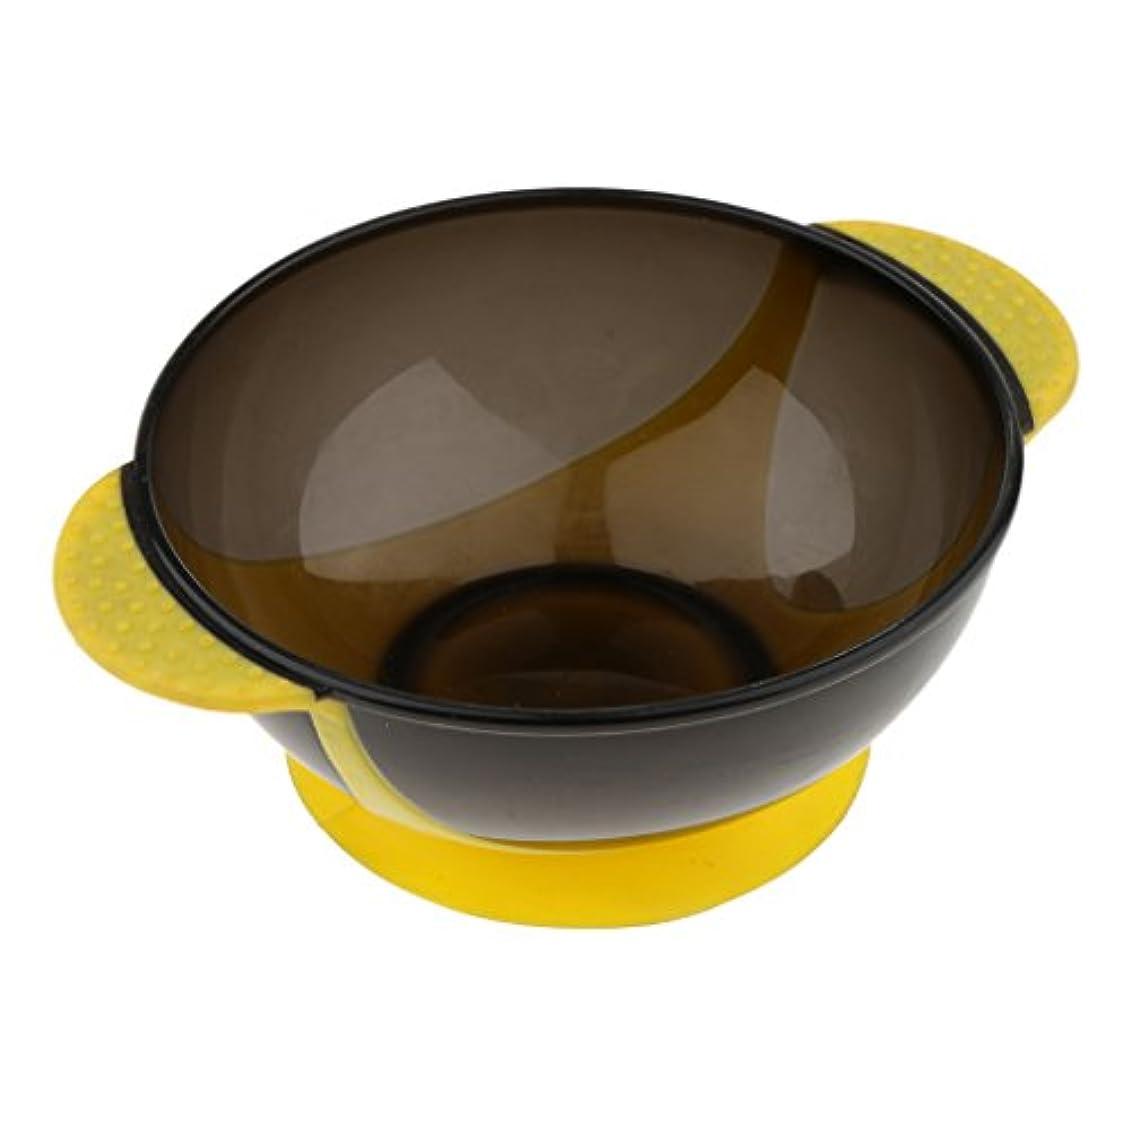 トリッキーサラダ権限Perfk ヘアダイボウル プラスチック製 サロン 髪染め ミントボウル 着色ツール 吸引ベース 3色選べる - 黄